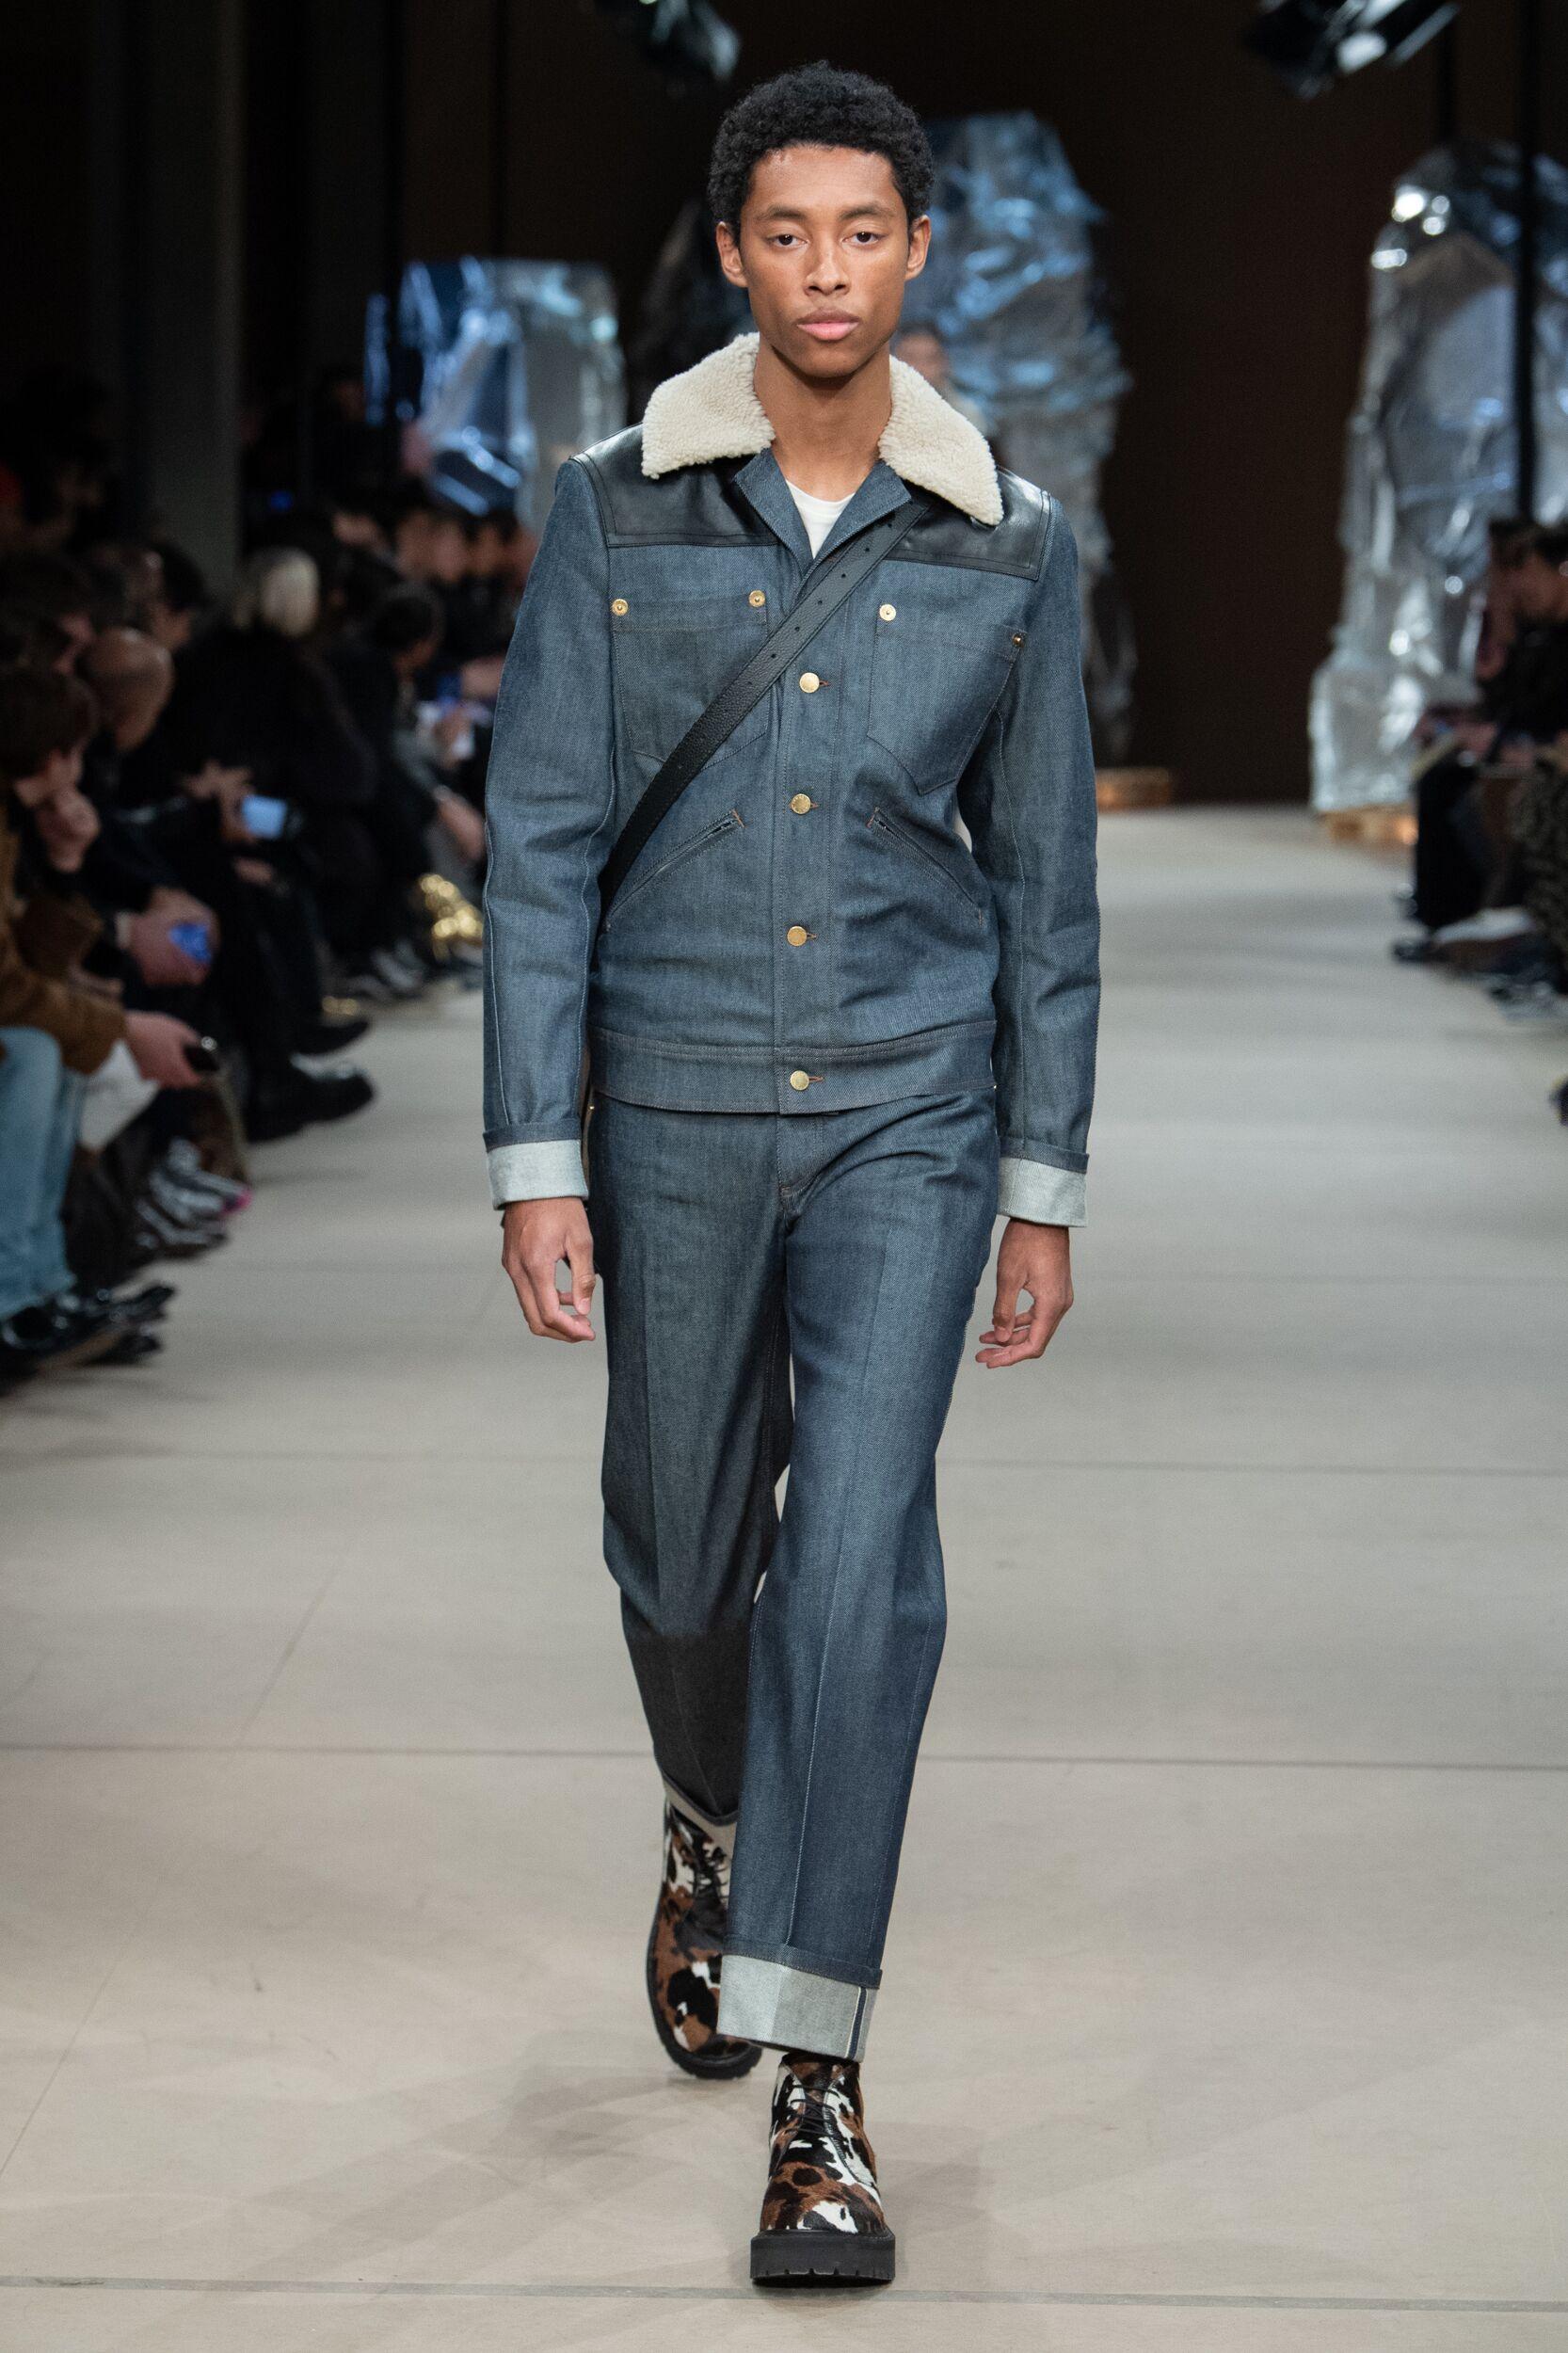 Catwalk Neil Barrett Man Fashion Show Winter 2020